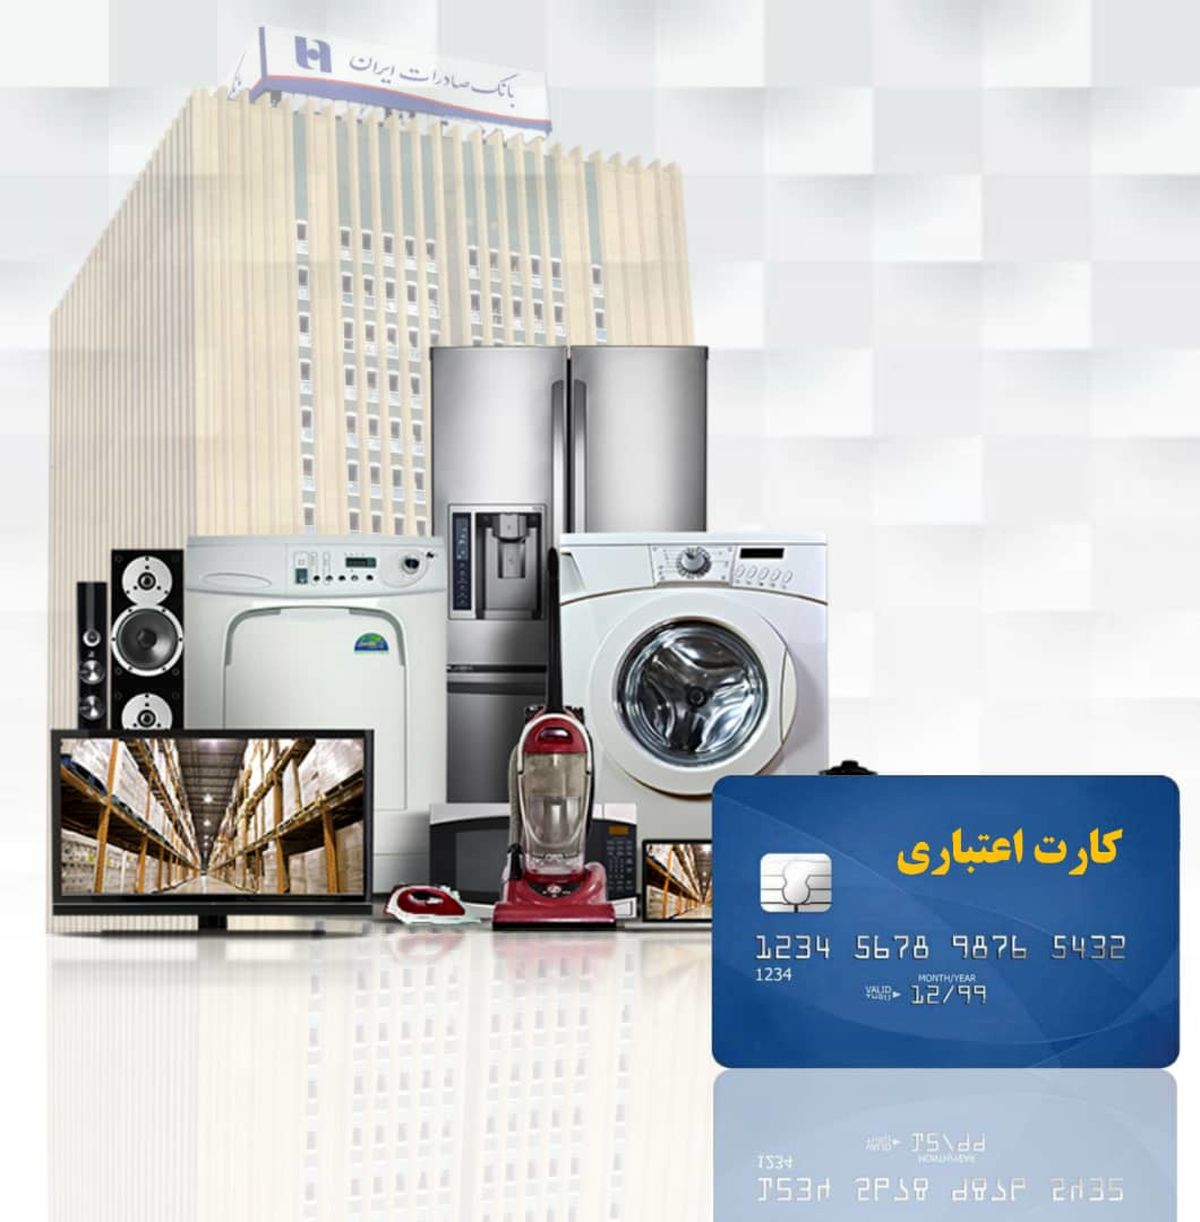 فروش قسطی کالای با کیفیت داخلی در ٨٨٧ فروشگاه با «همیاران سپهر» بانک صادرات ایران